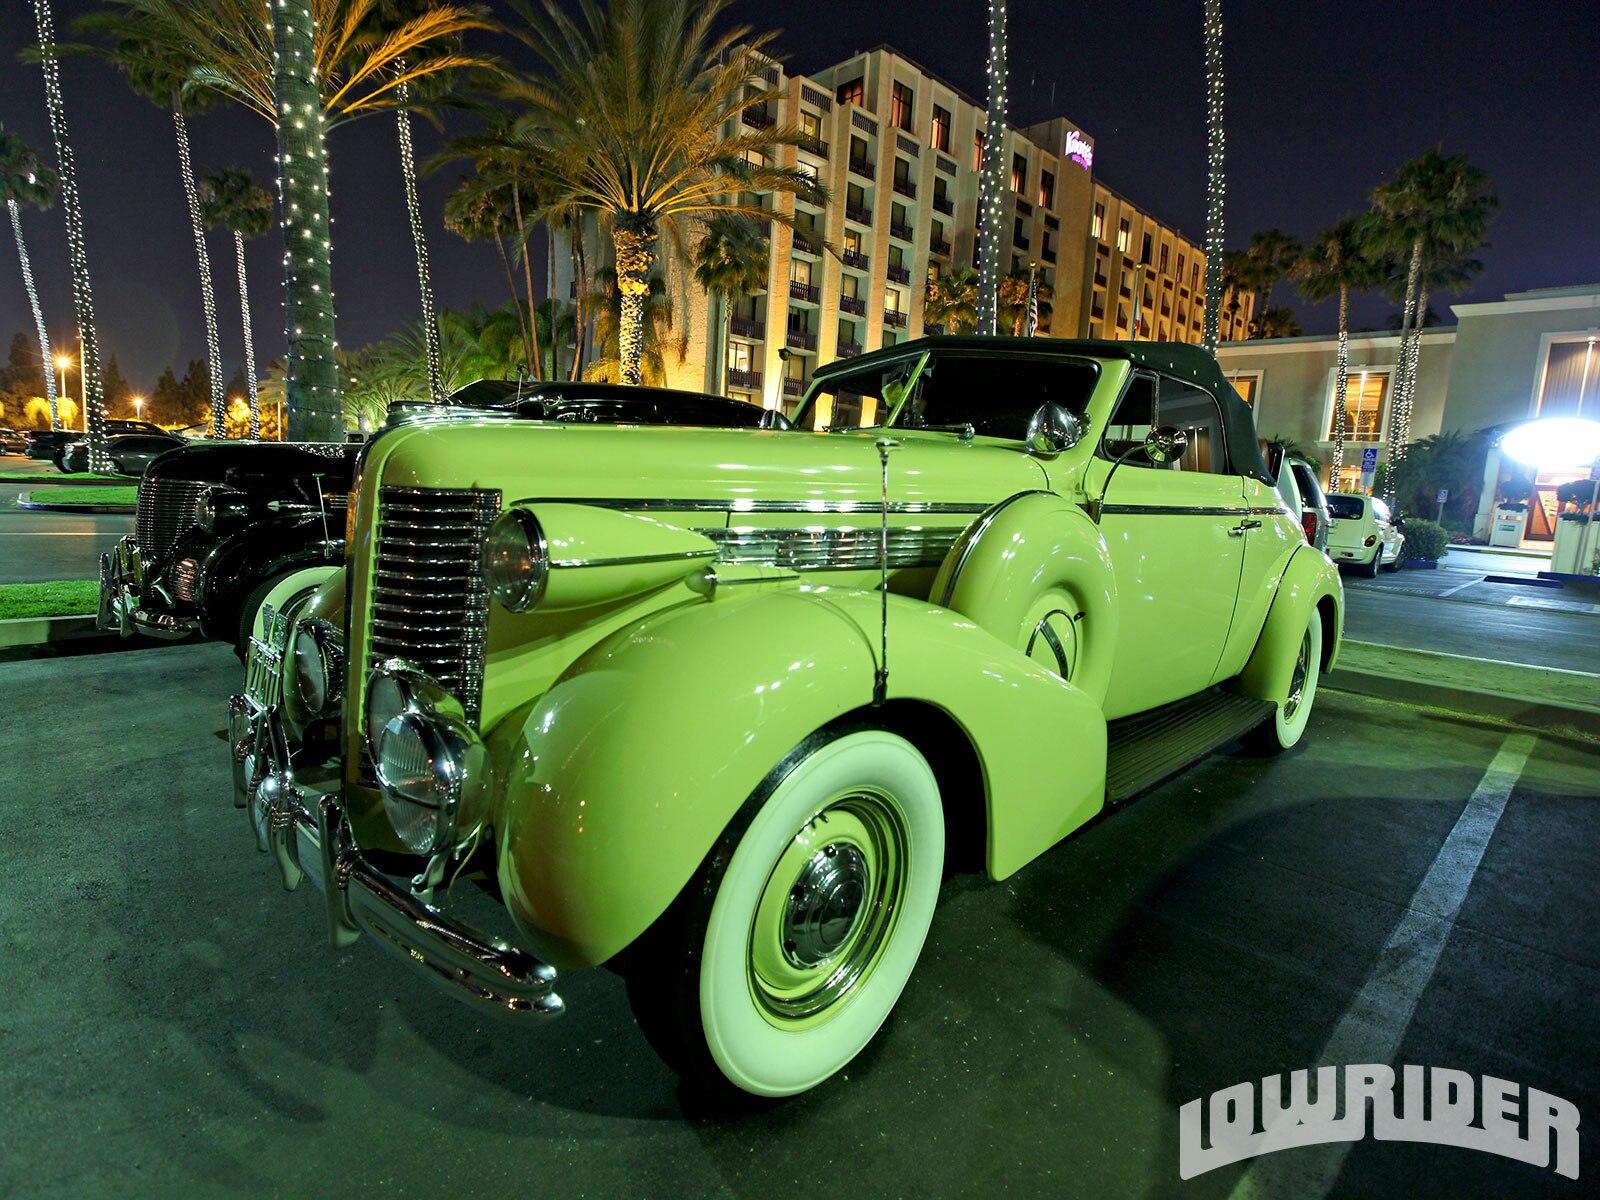 dukes-50th-anniversary-custom-lowrider-11